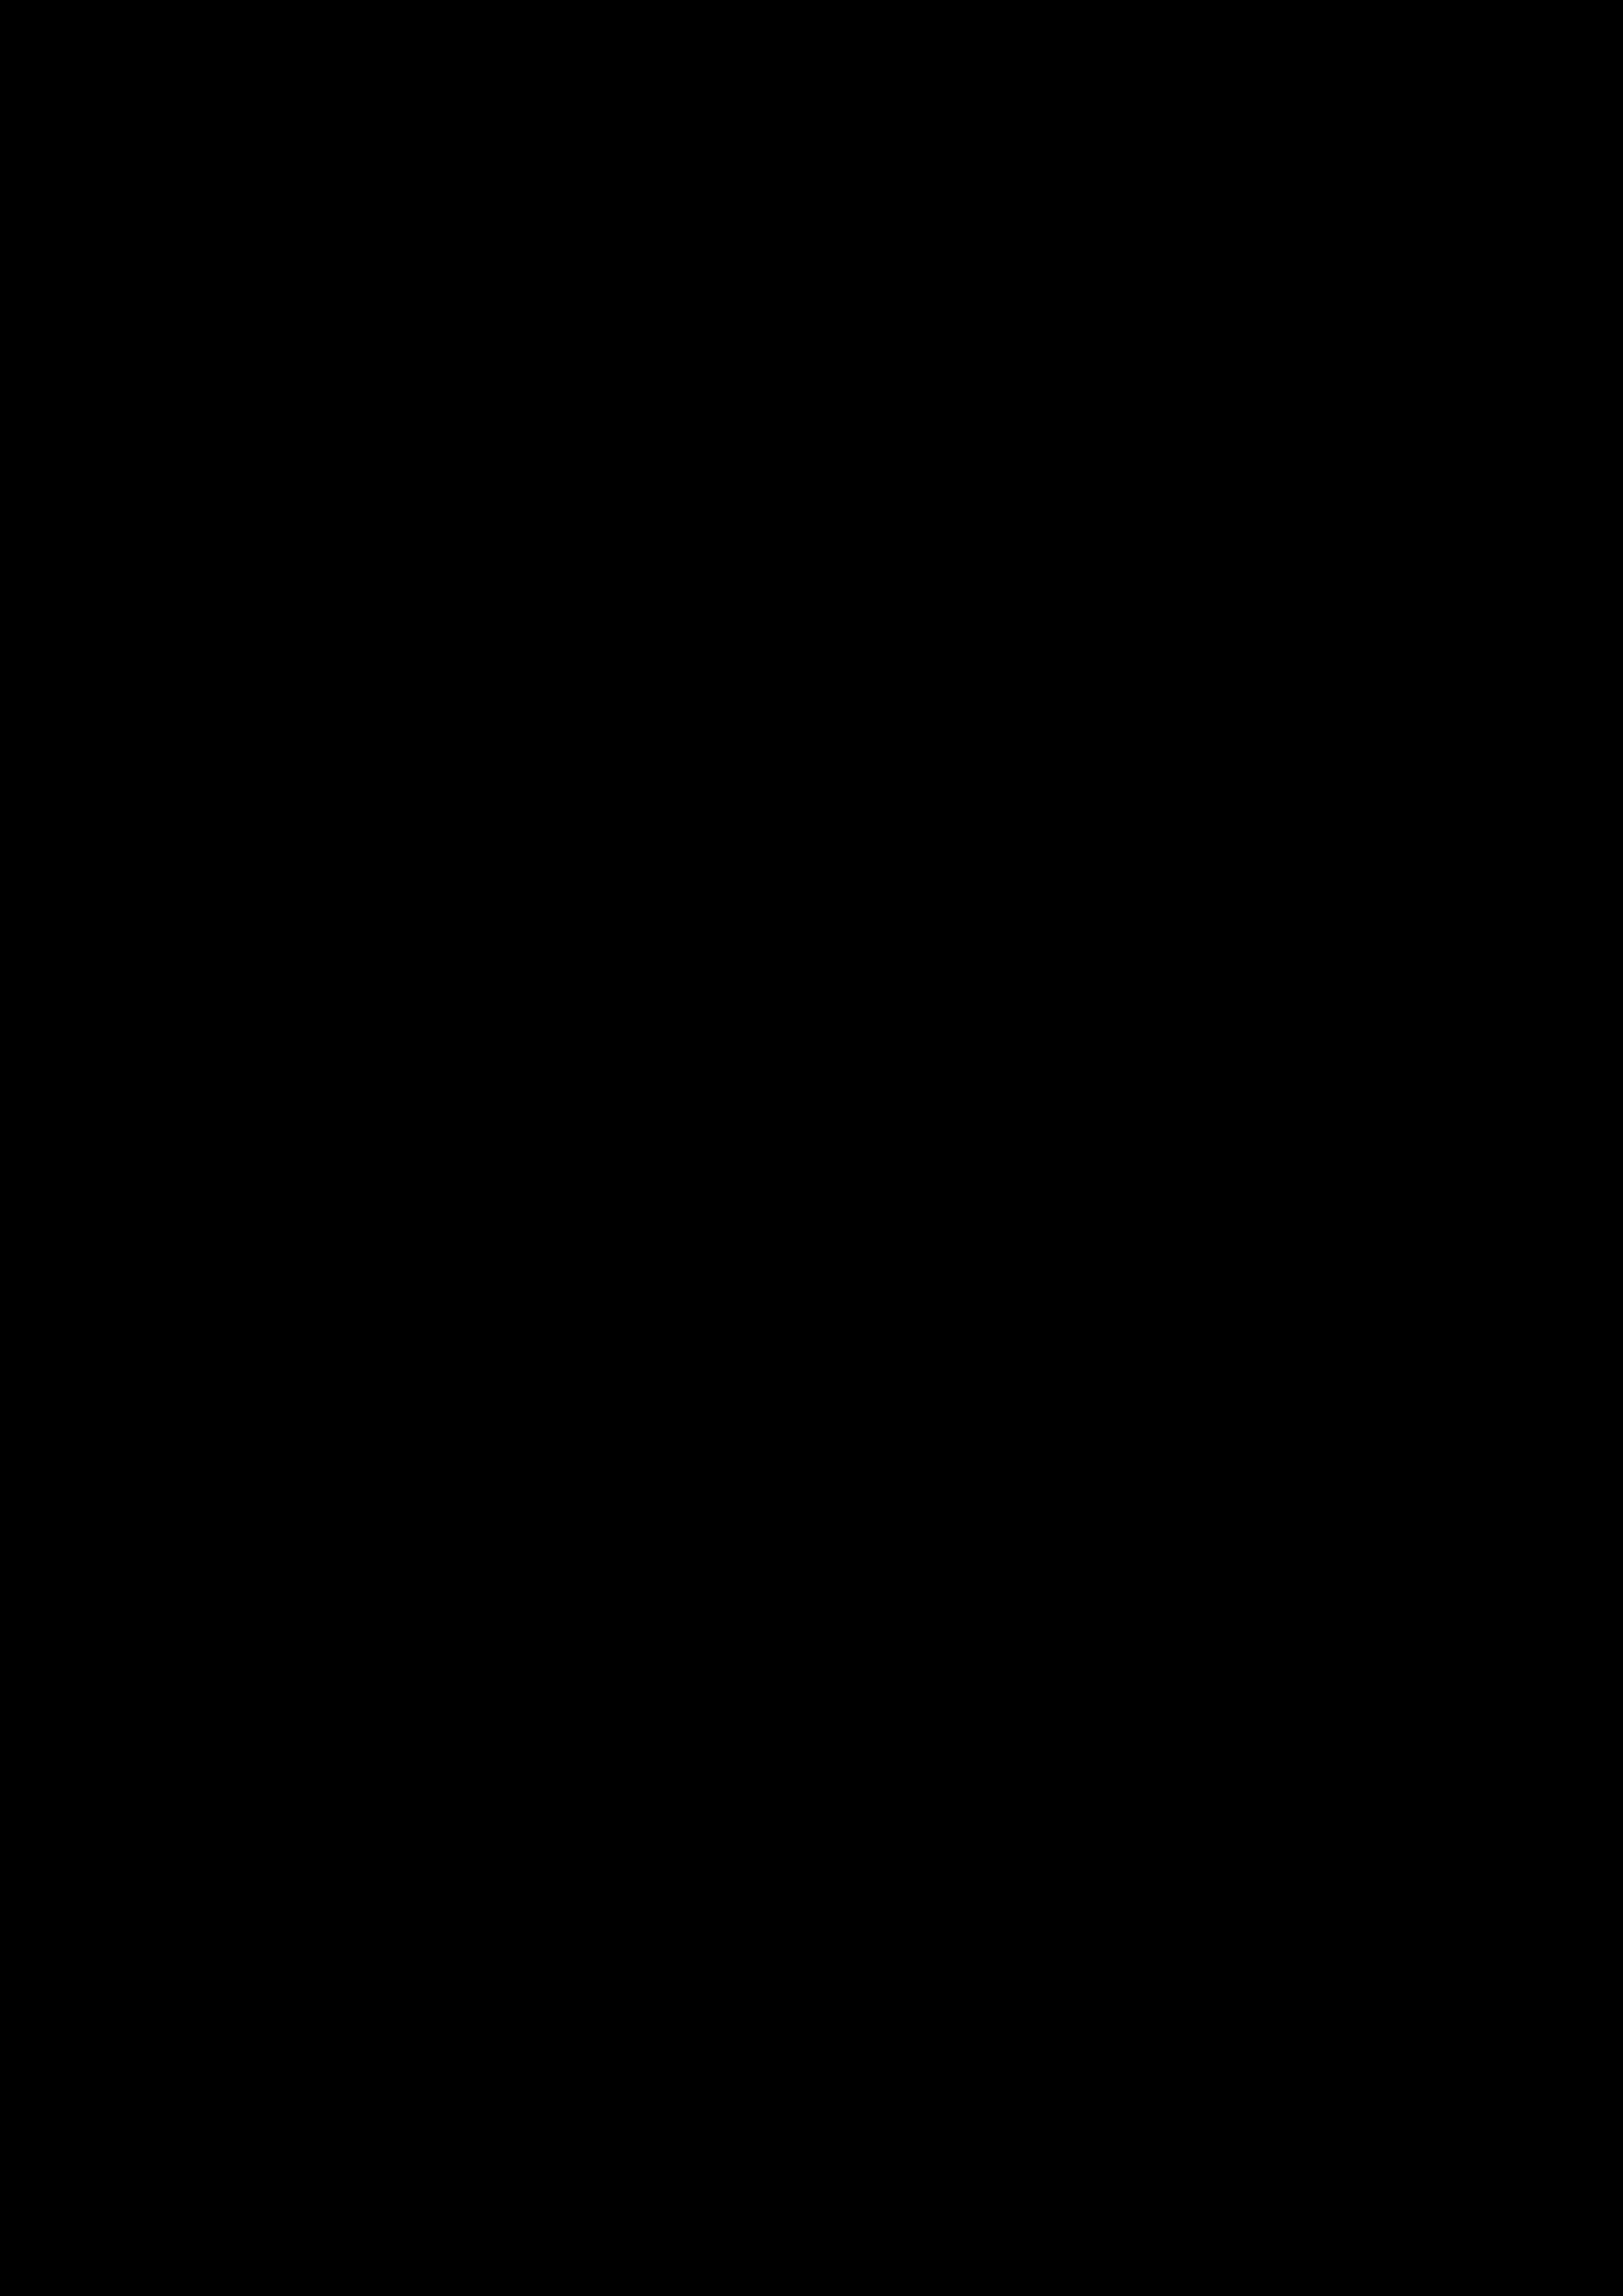 E_Kohler_Op_33_No_2_5-1